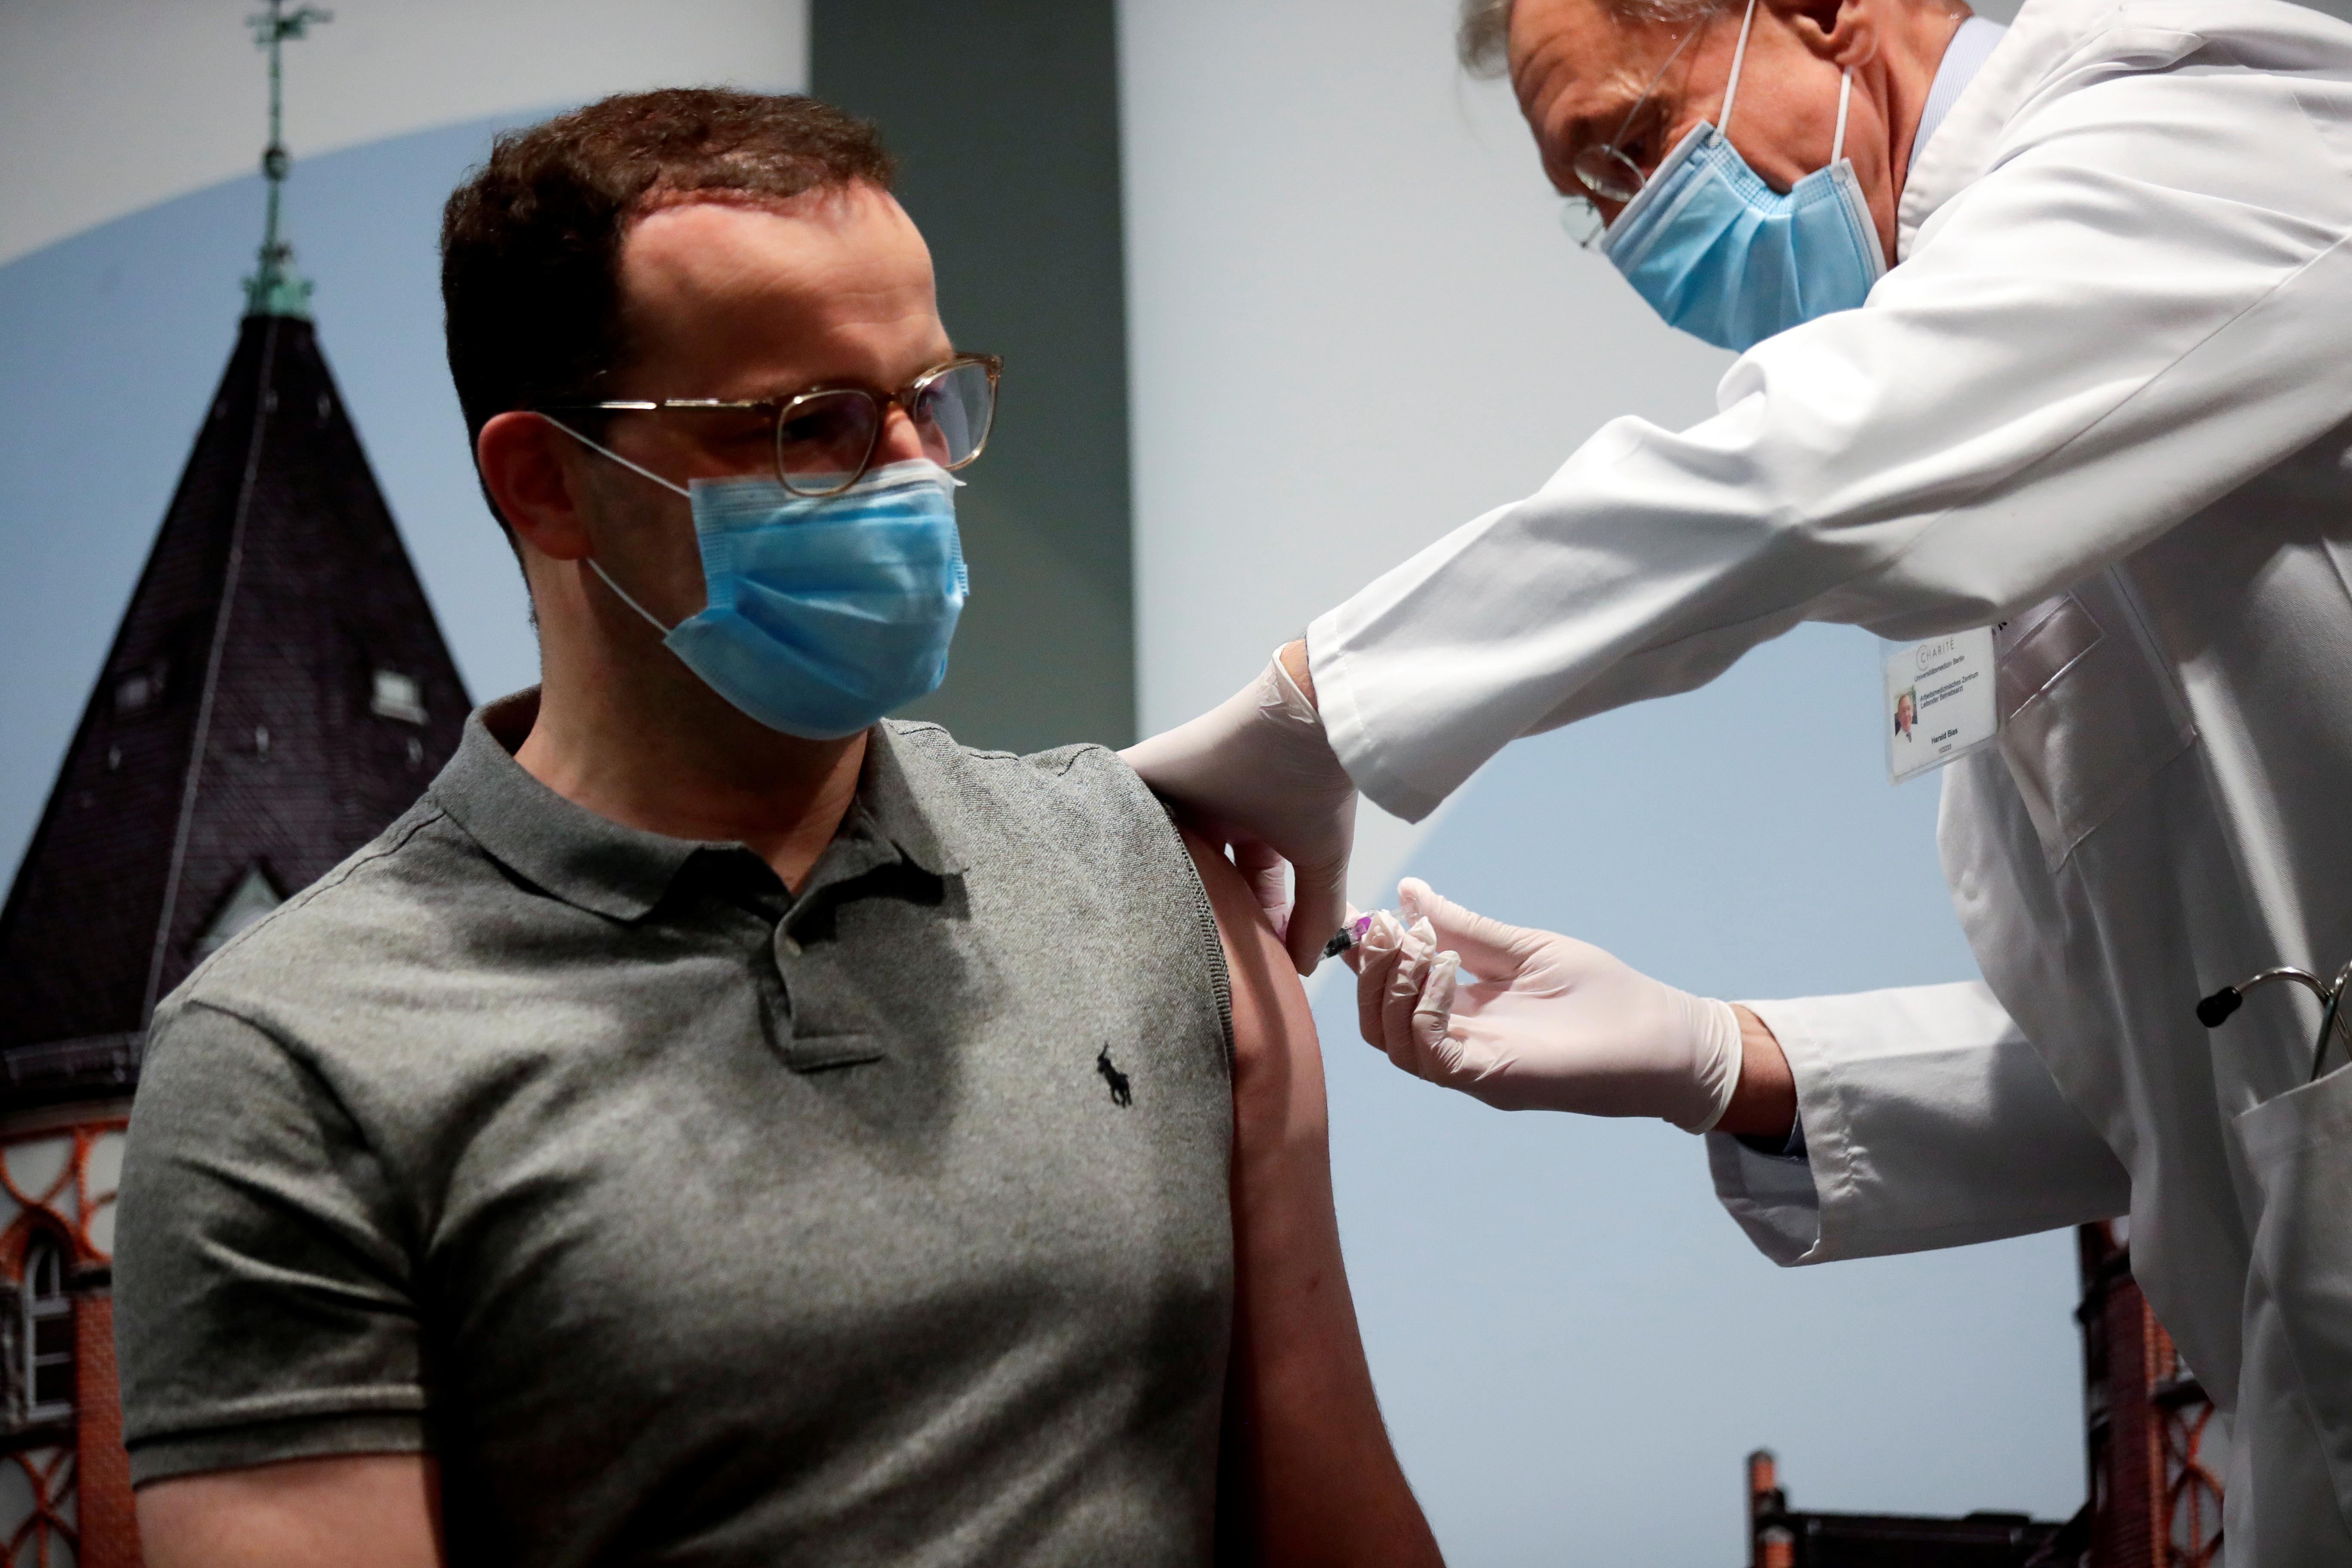 疫情在德国政界蔓延,40岁的卫生部长斯潘(左)证实对新冠病毒呈阳性反应,出现类似感冒的病征,正接受隔离。-路透社-